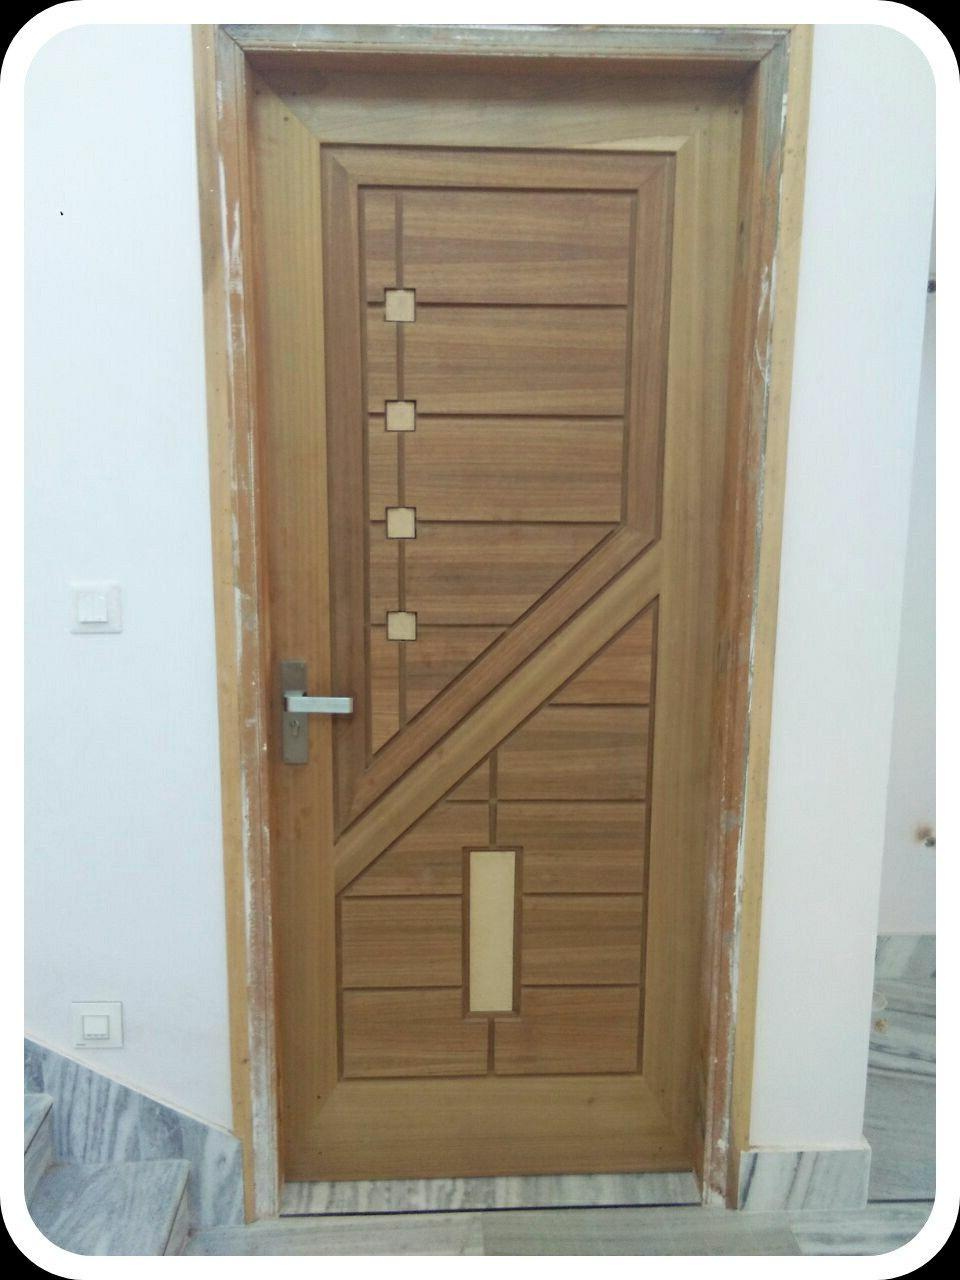 Pin By Juan Pablo Salinas On Pintu Depan Wooden Main Door Design Room Door Design Door Design Wood